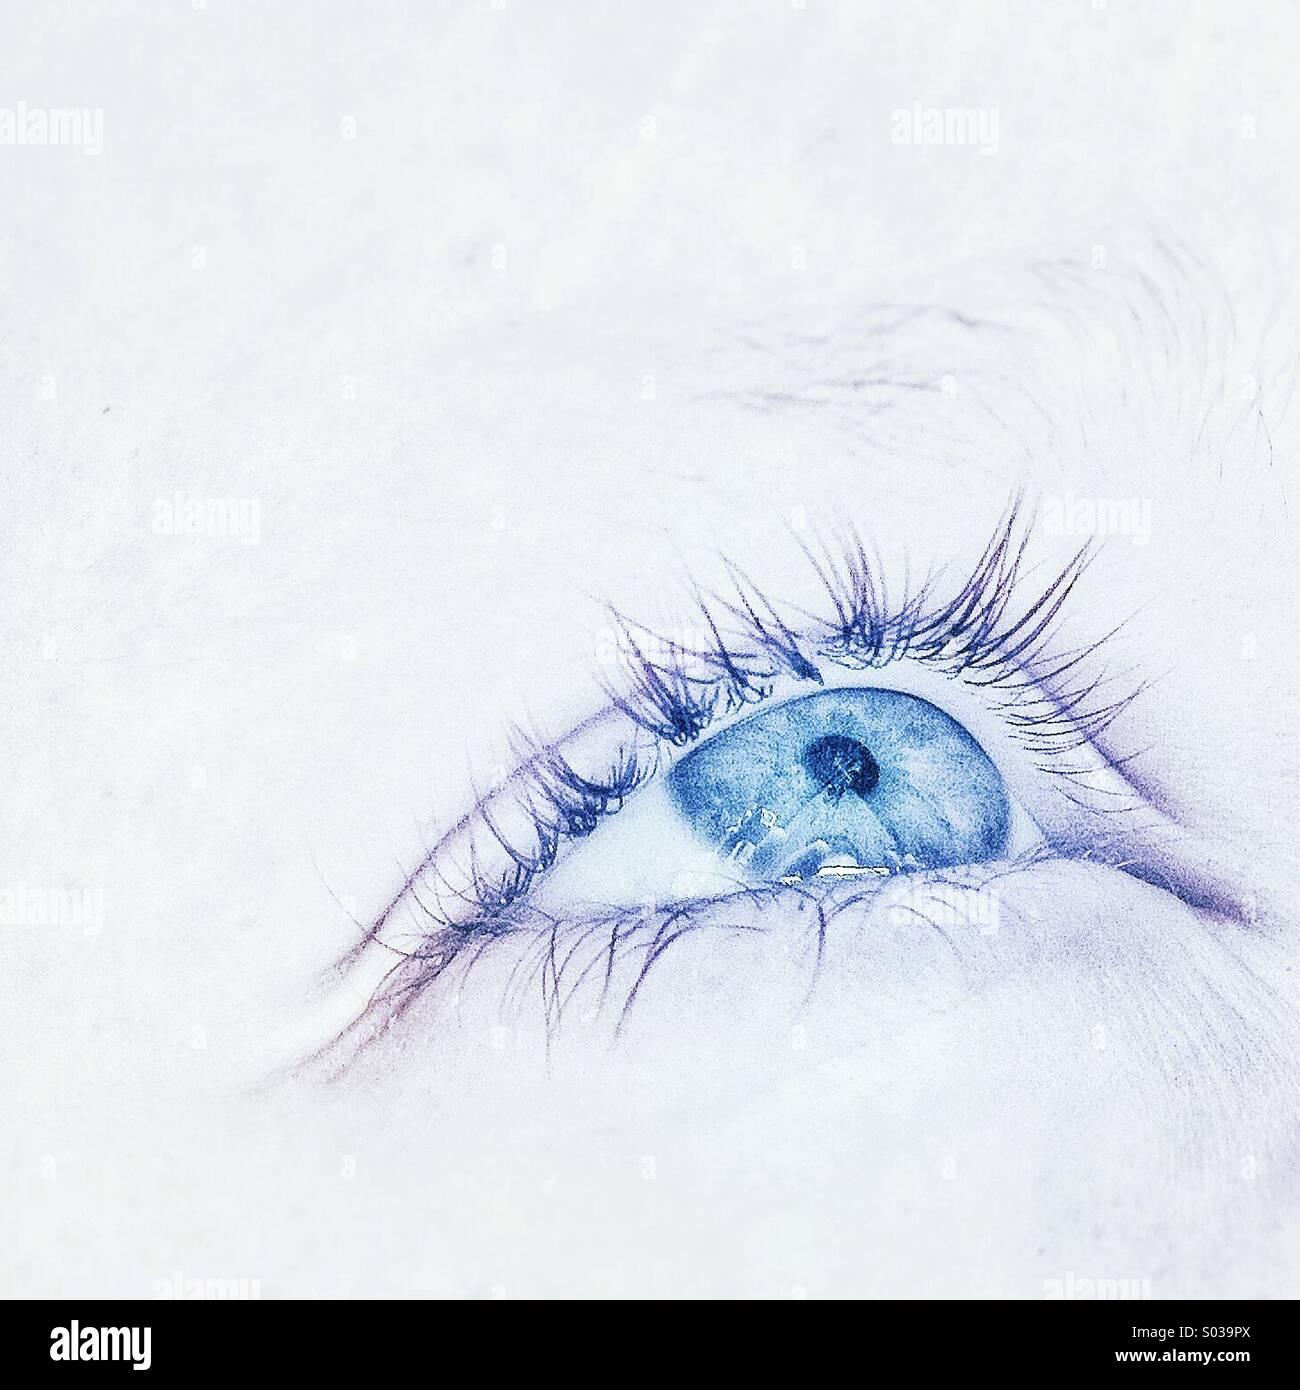 Blue eye - Stock Image